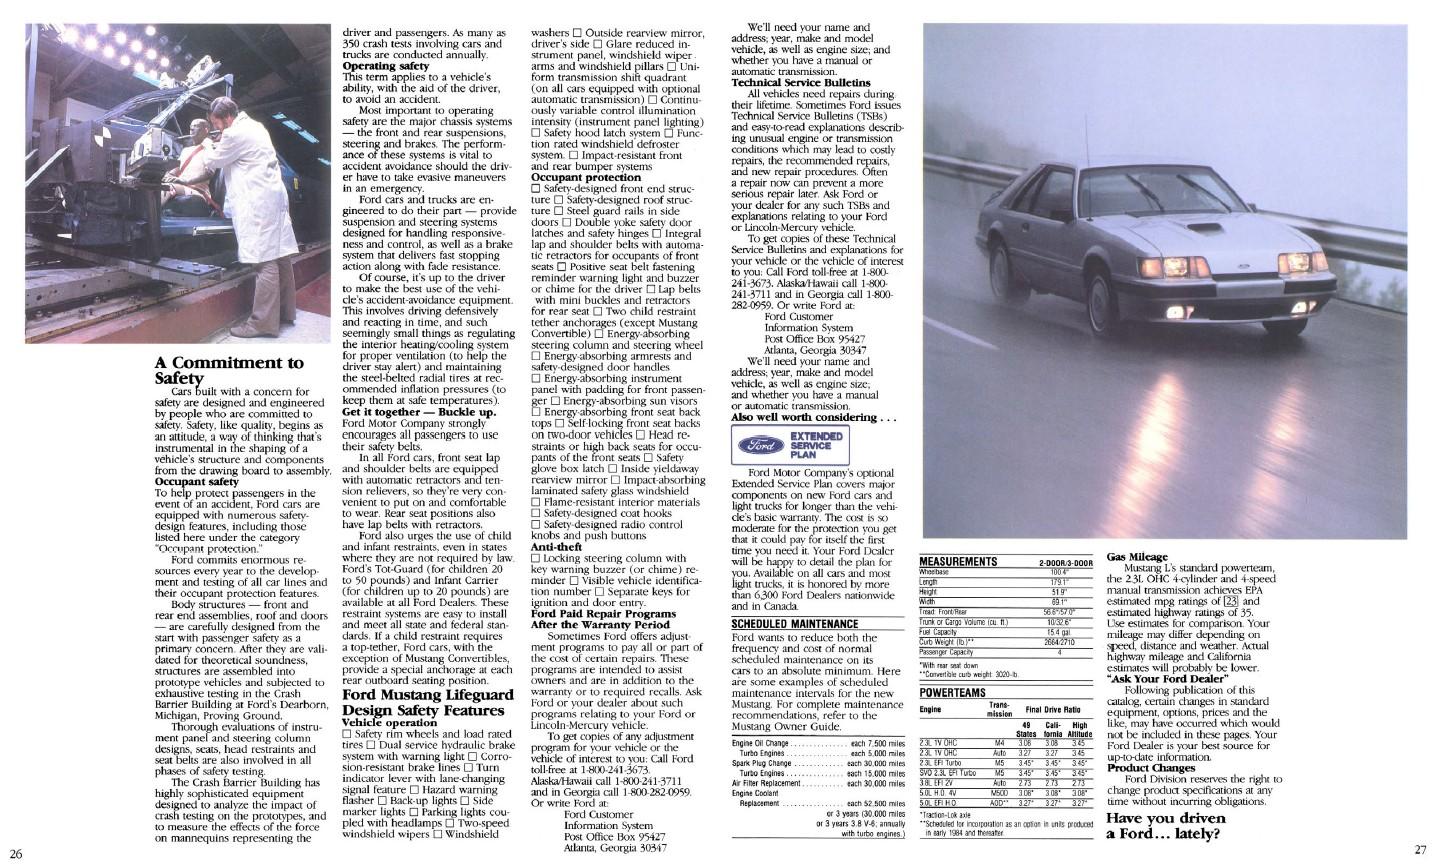 1984-ford-mustang-brochure-15.jpg